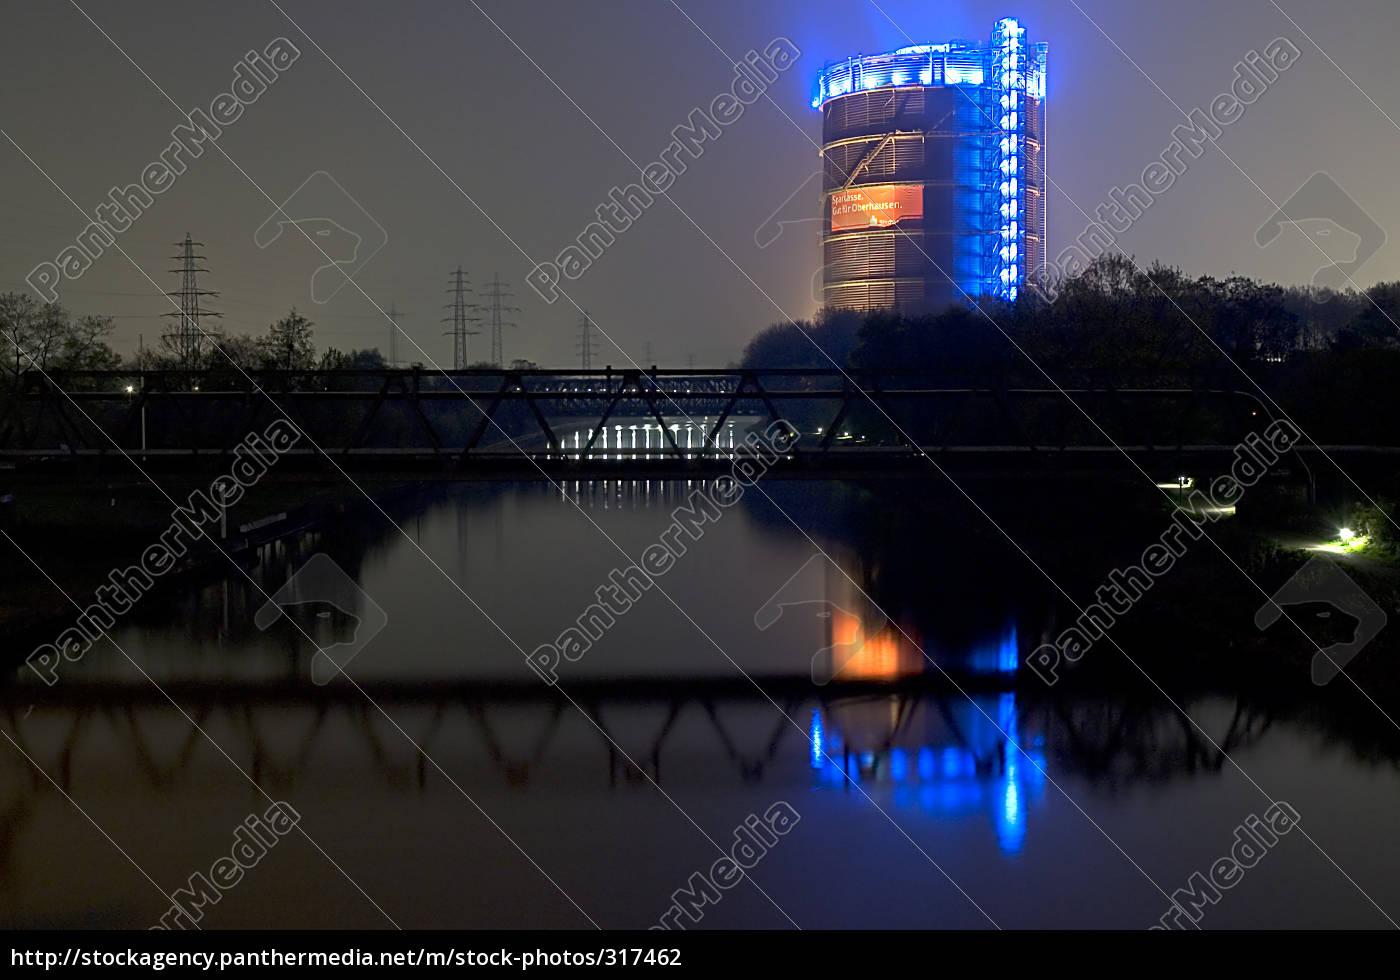 gasometer, oberhausen2 - 317462